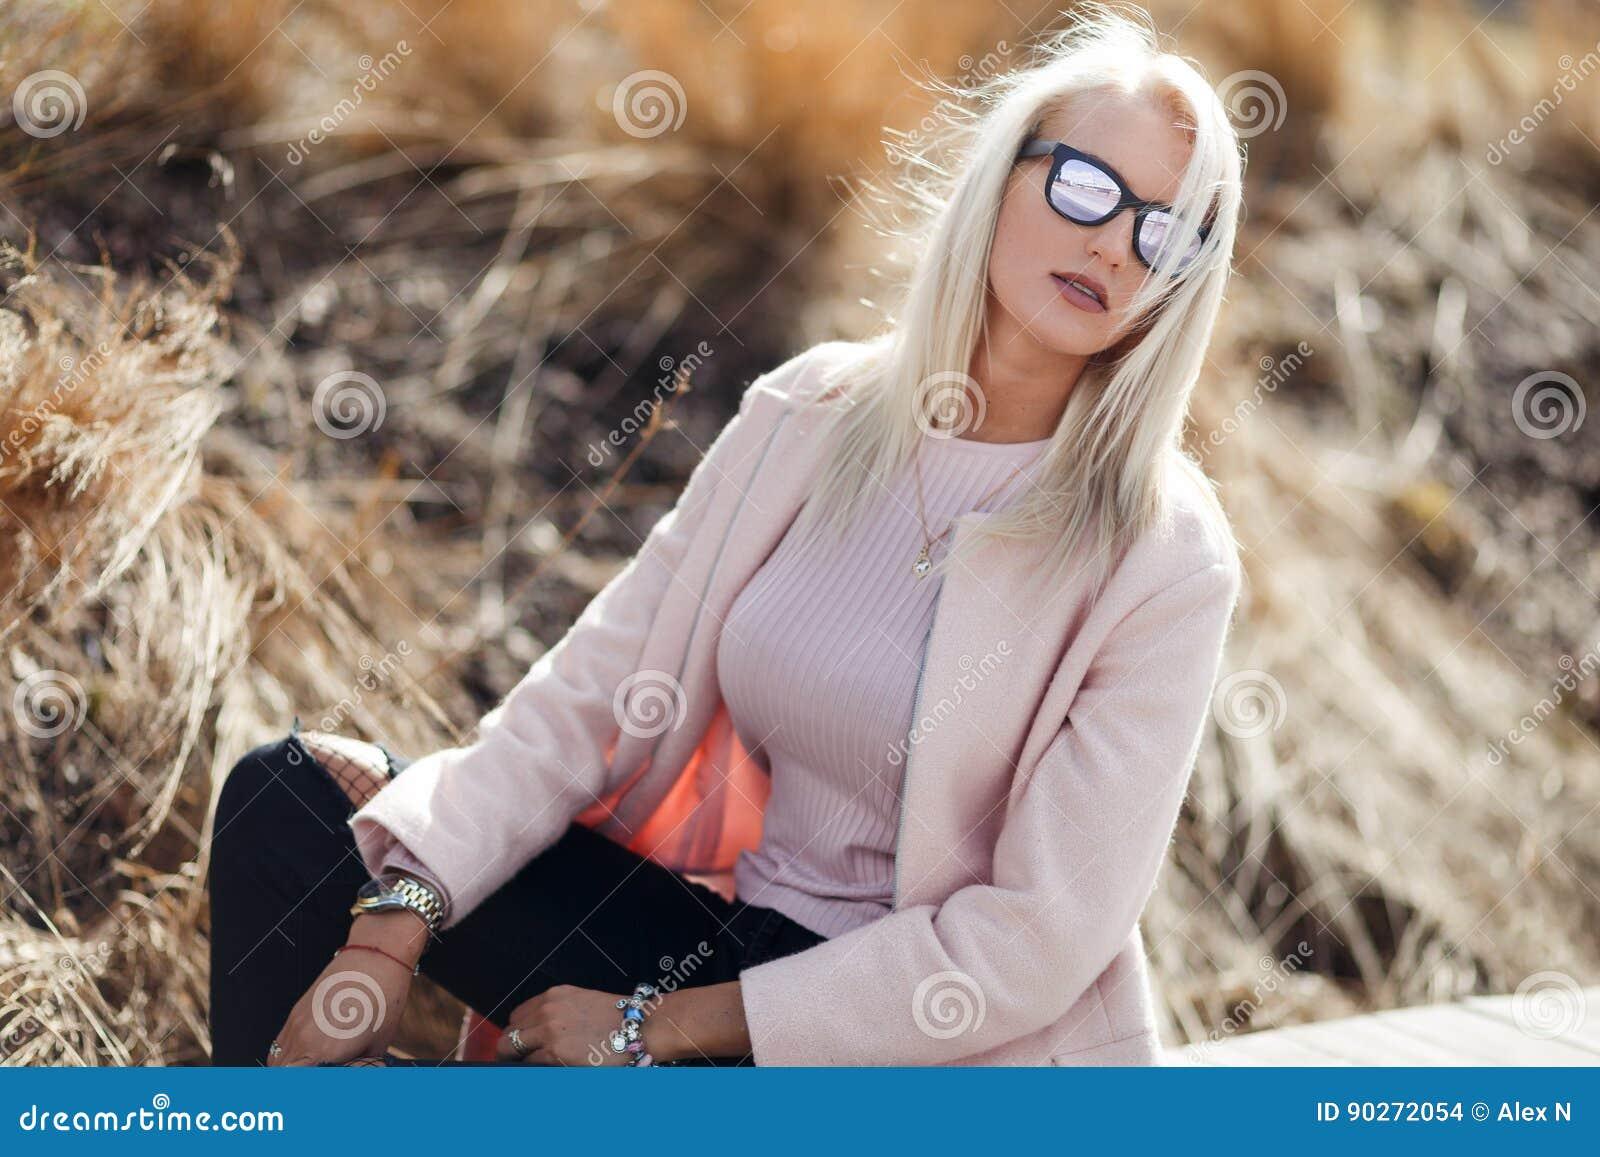 krasivoe-foto-blondinki-v-ochkah-video-dve-podrugi-zastavili-parnya-lizat-nogi